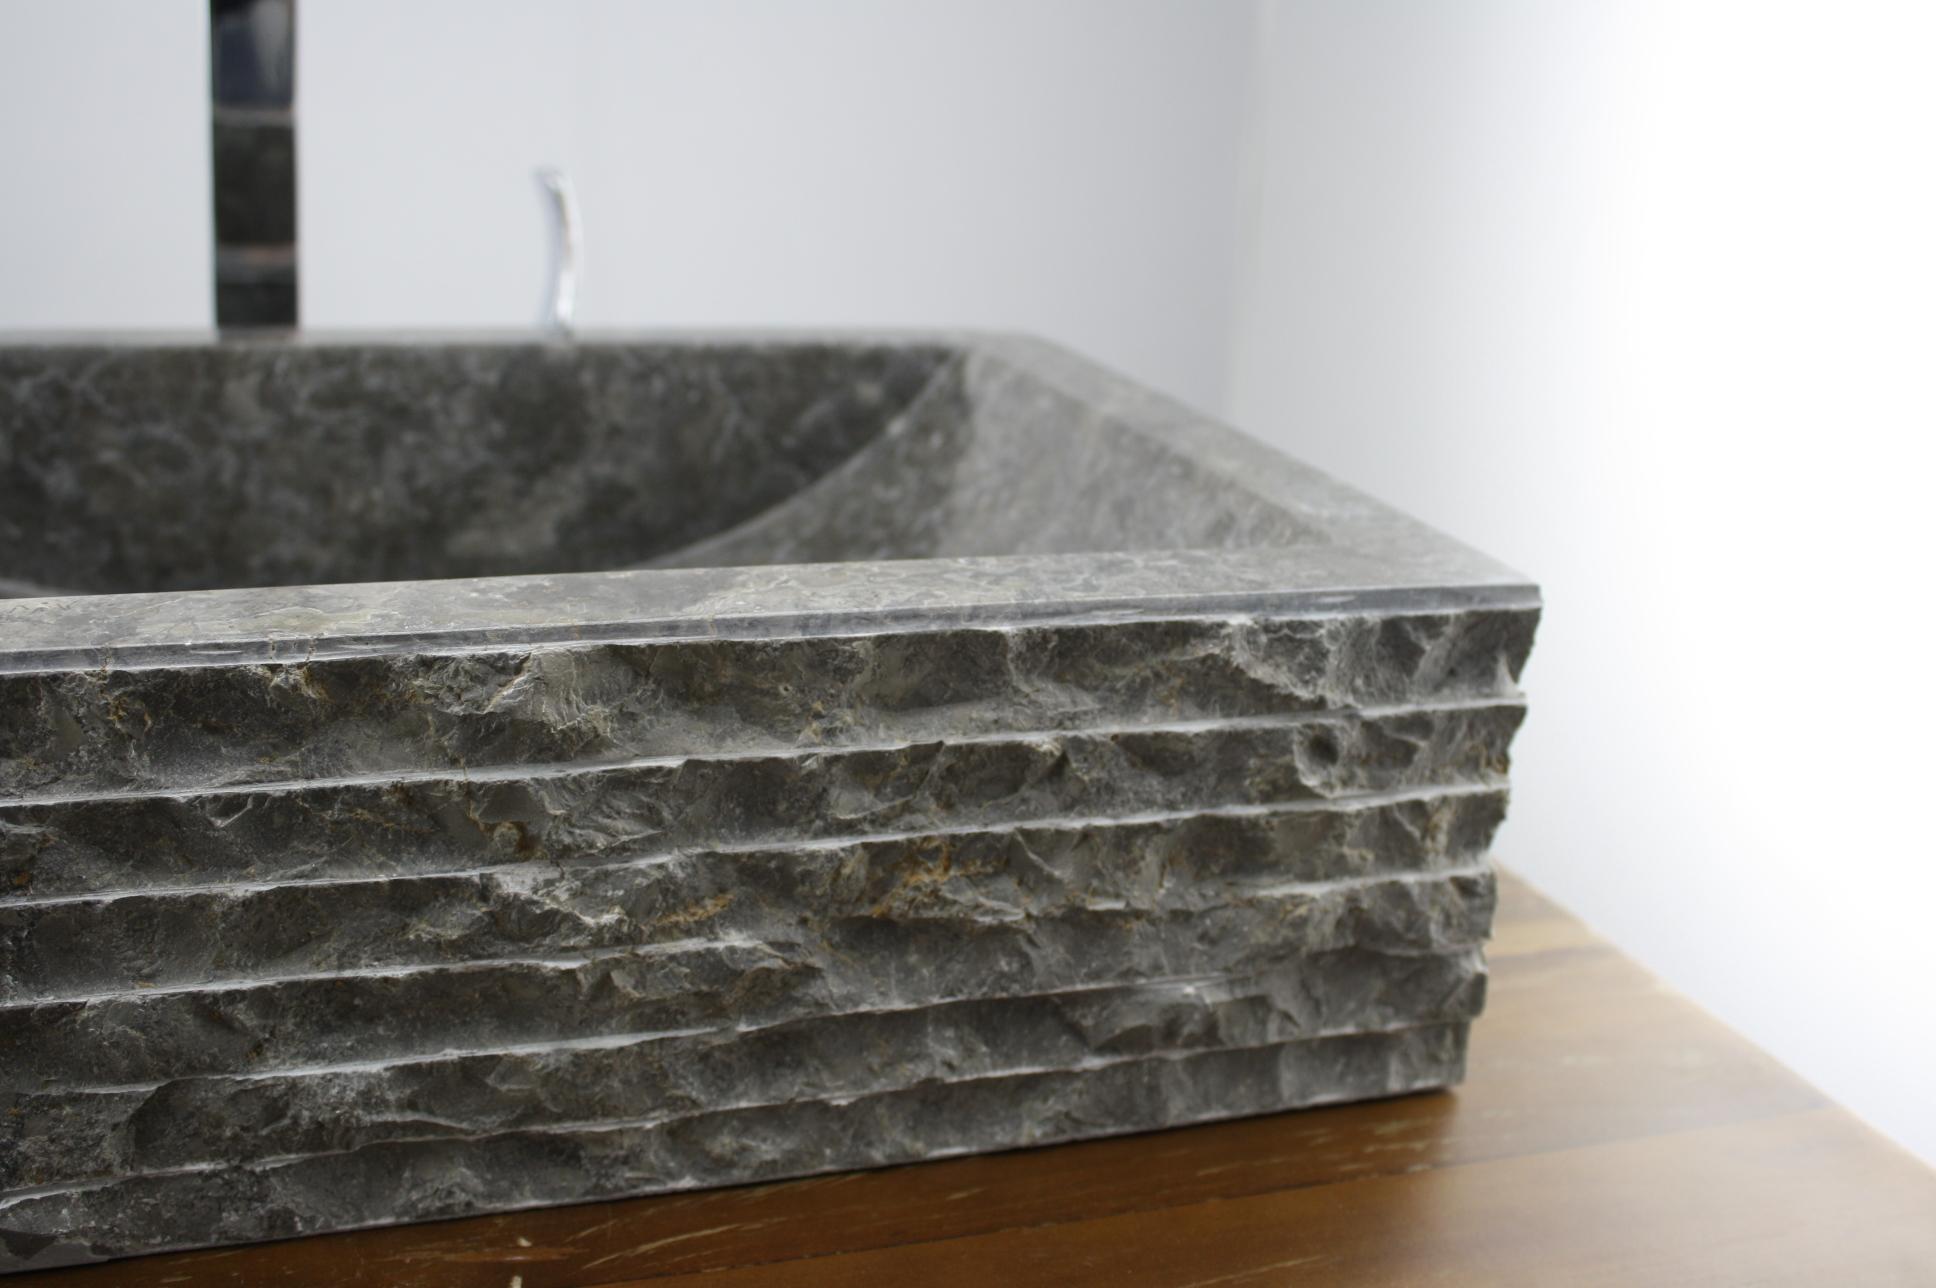 Versiegelung naturstein bad artownit for for Aufsatzwaschbecken naturstein